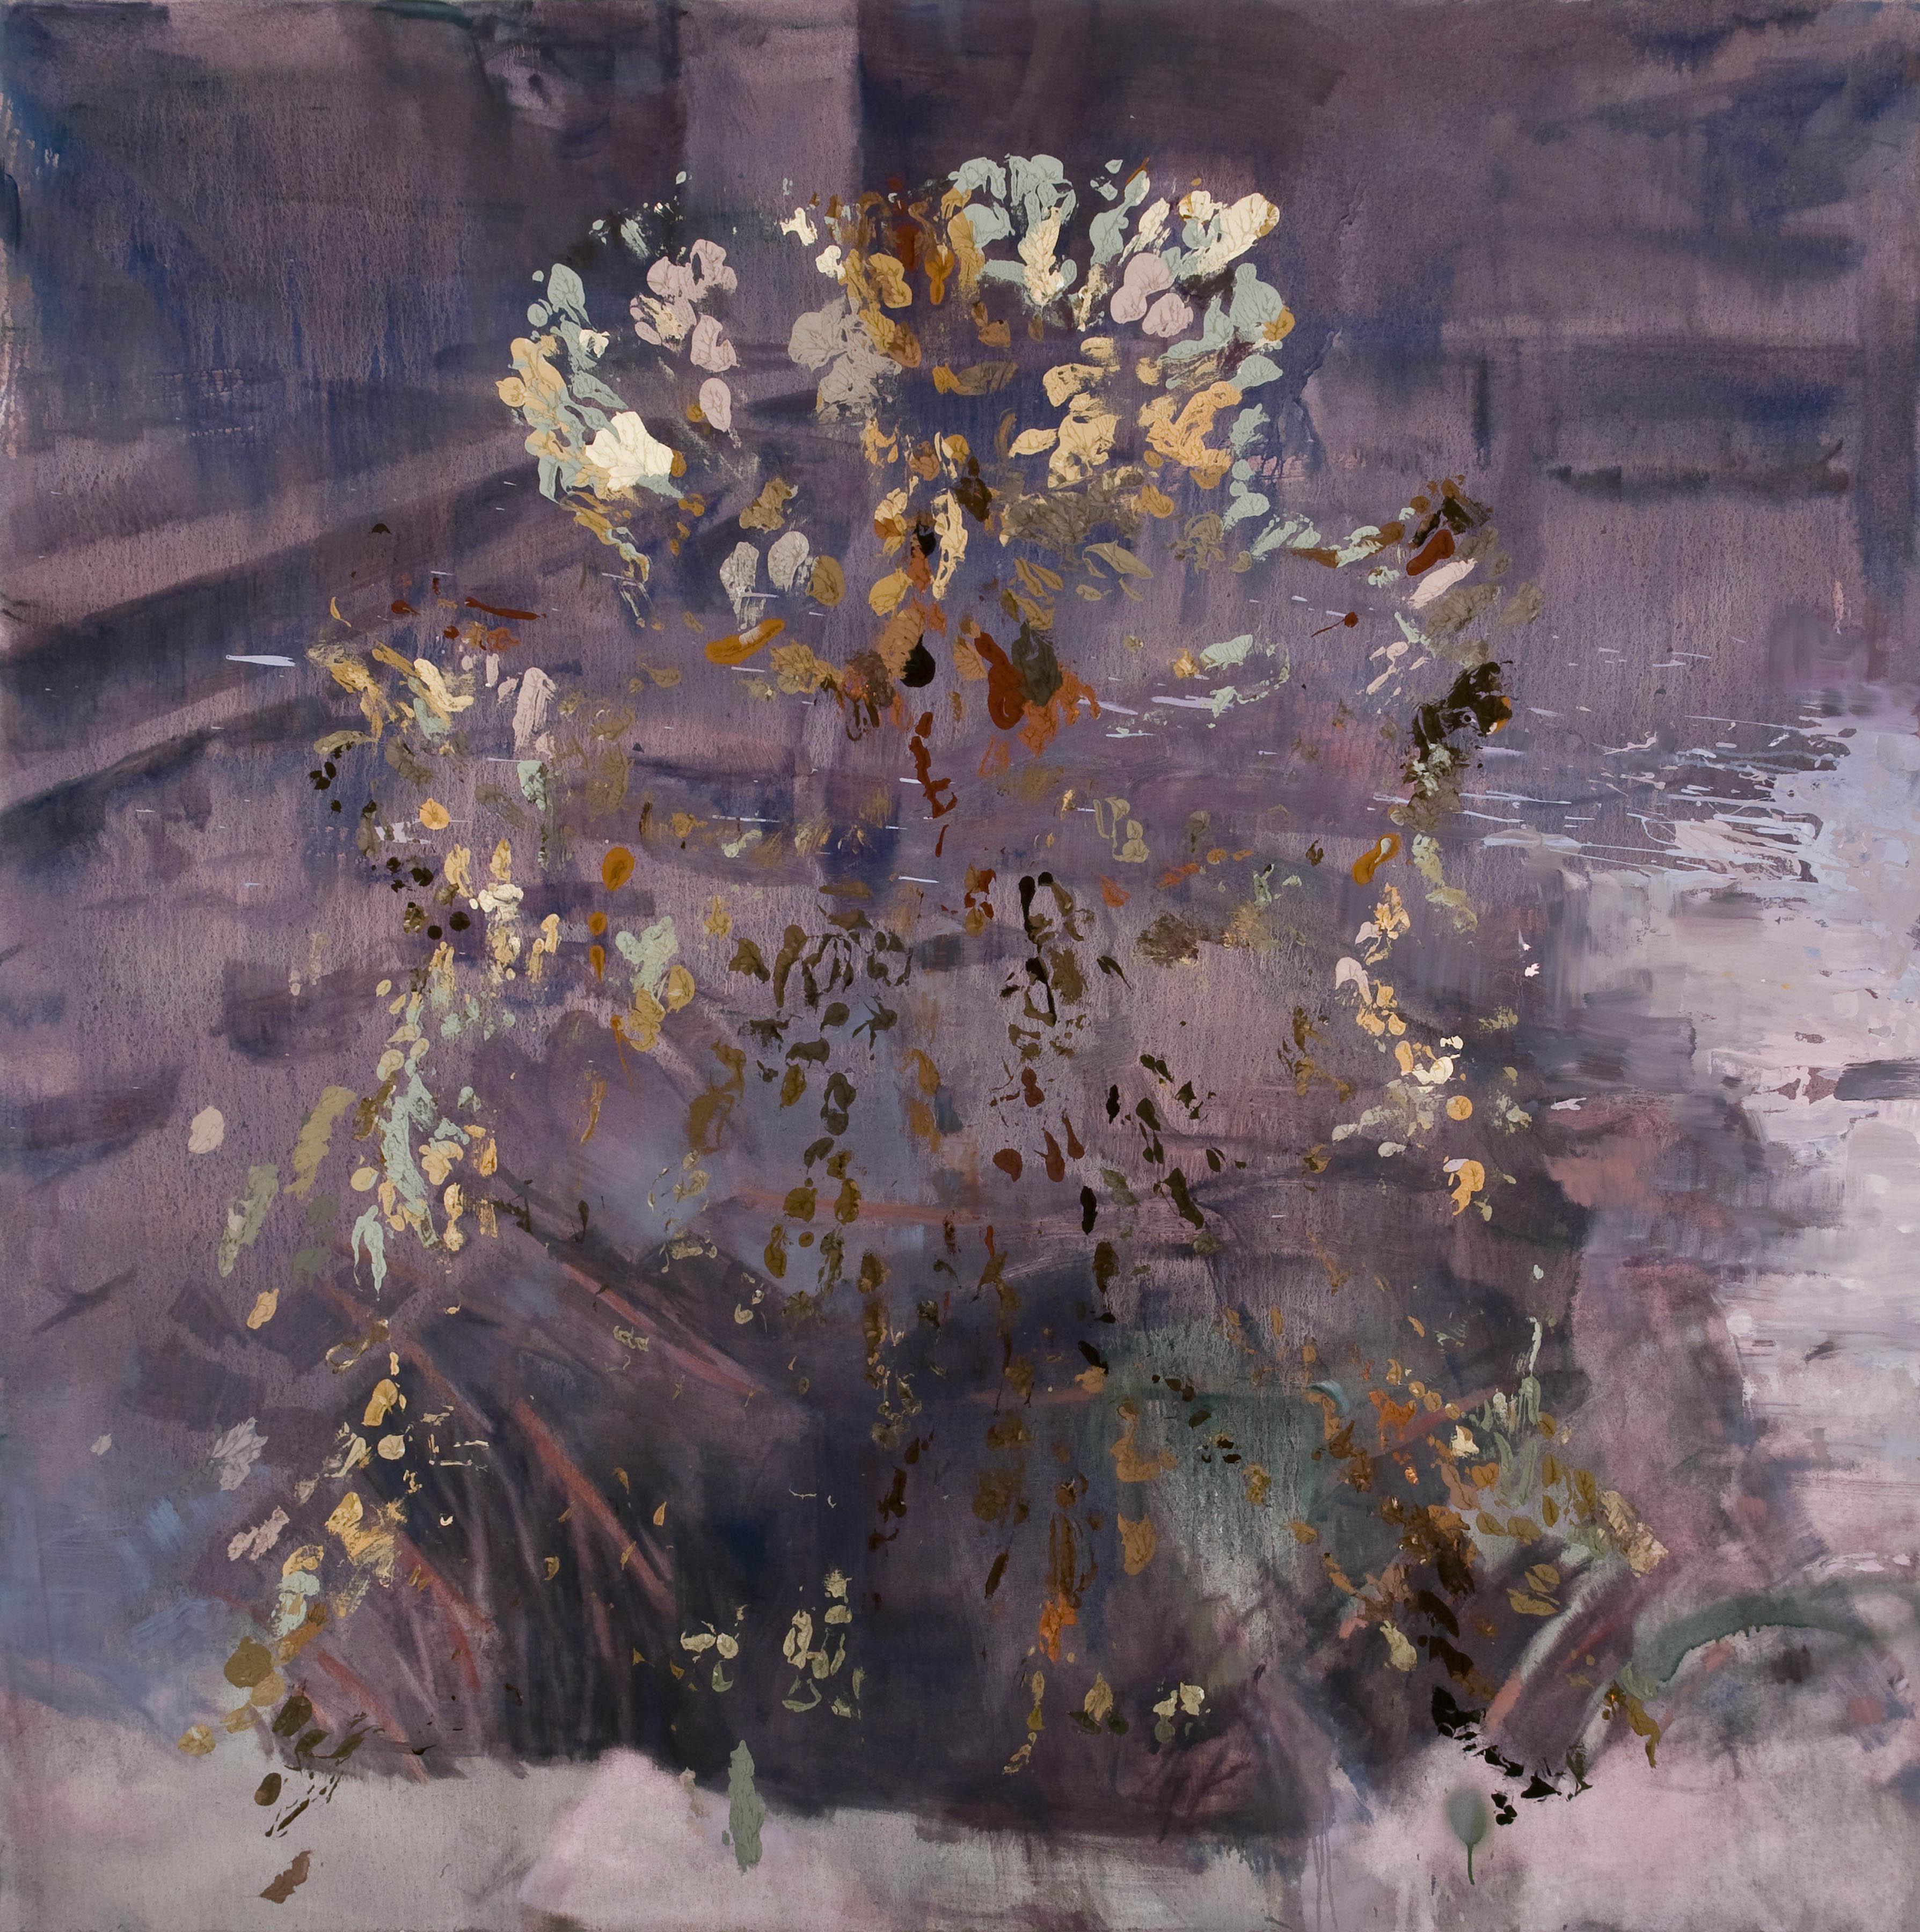 A Rebound, Introvert, 2013, Oil on canvas, 213 x 213 cm